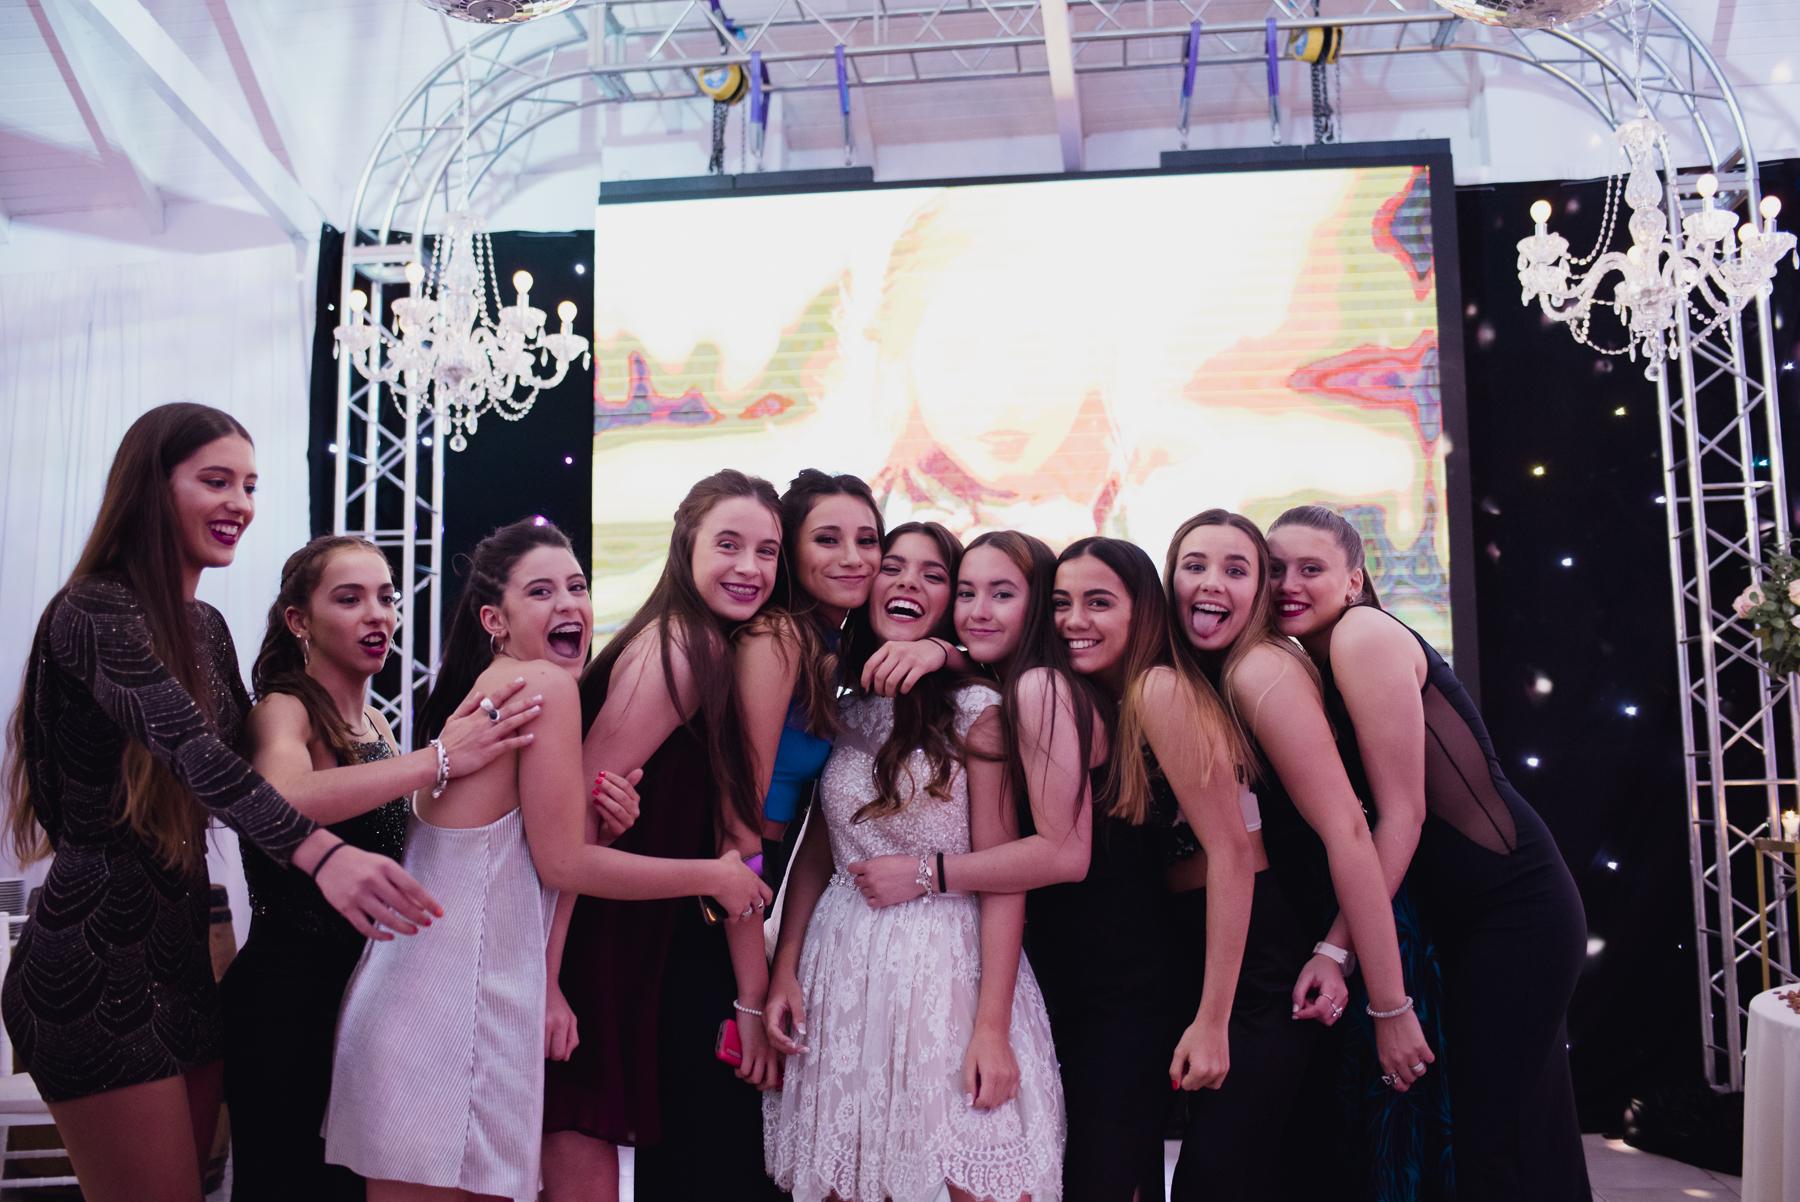 cobertura fotográfica cumpleaños 15 anos marti por emilia gualdoni fotografía